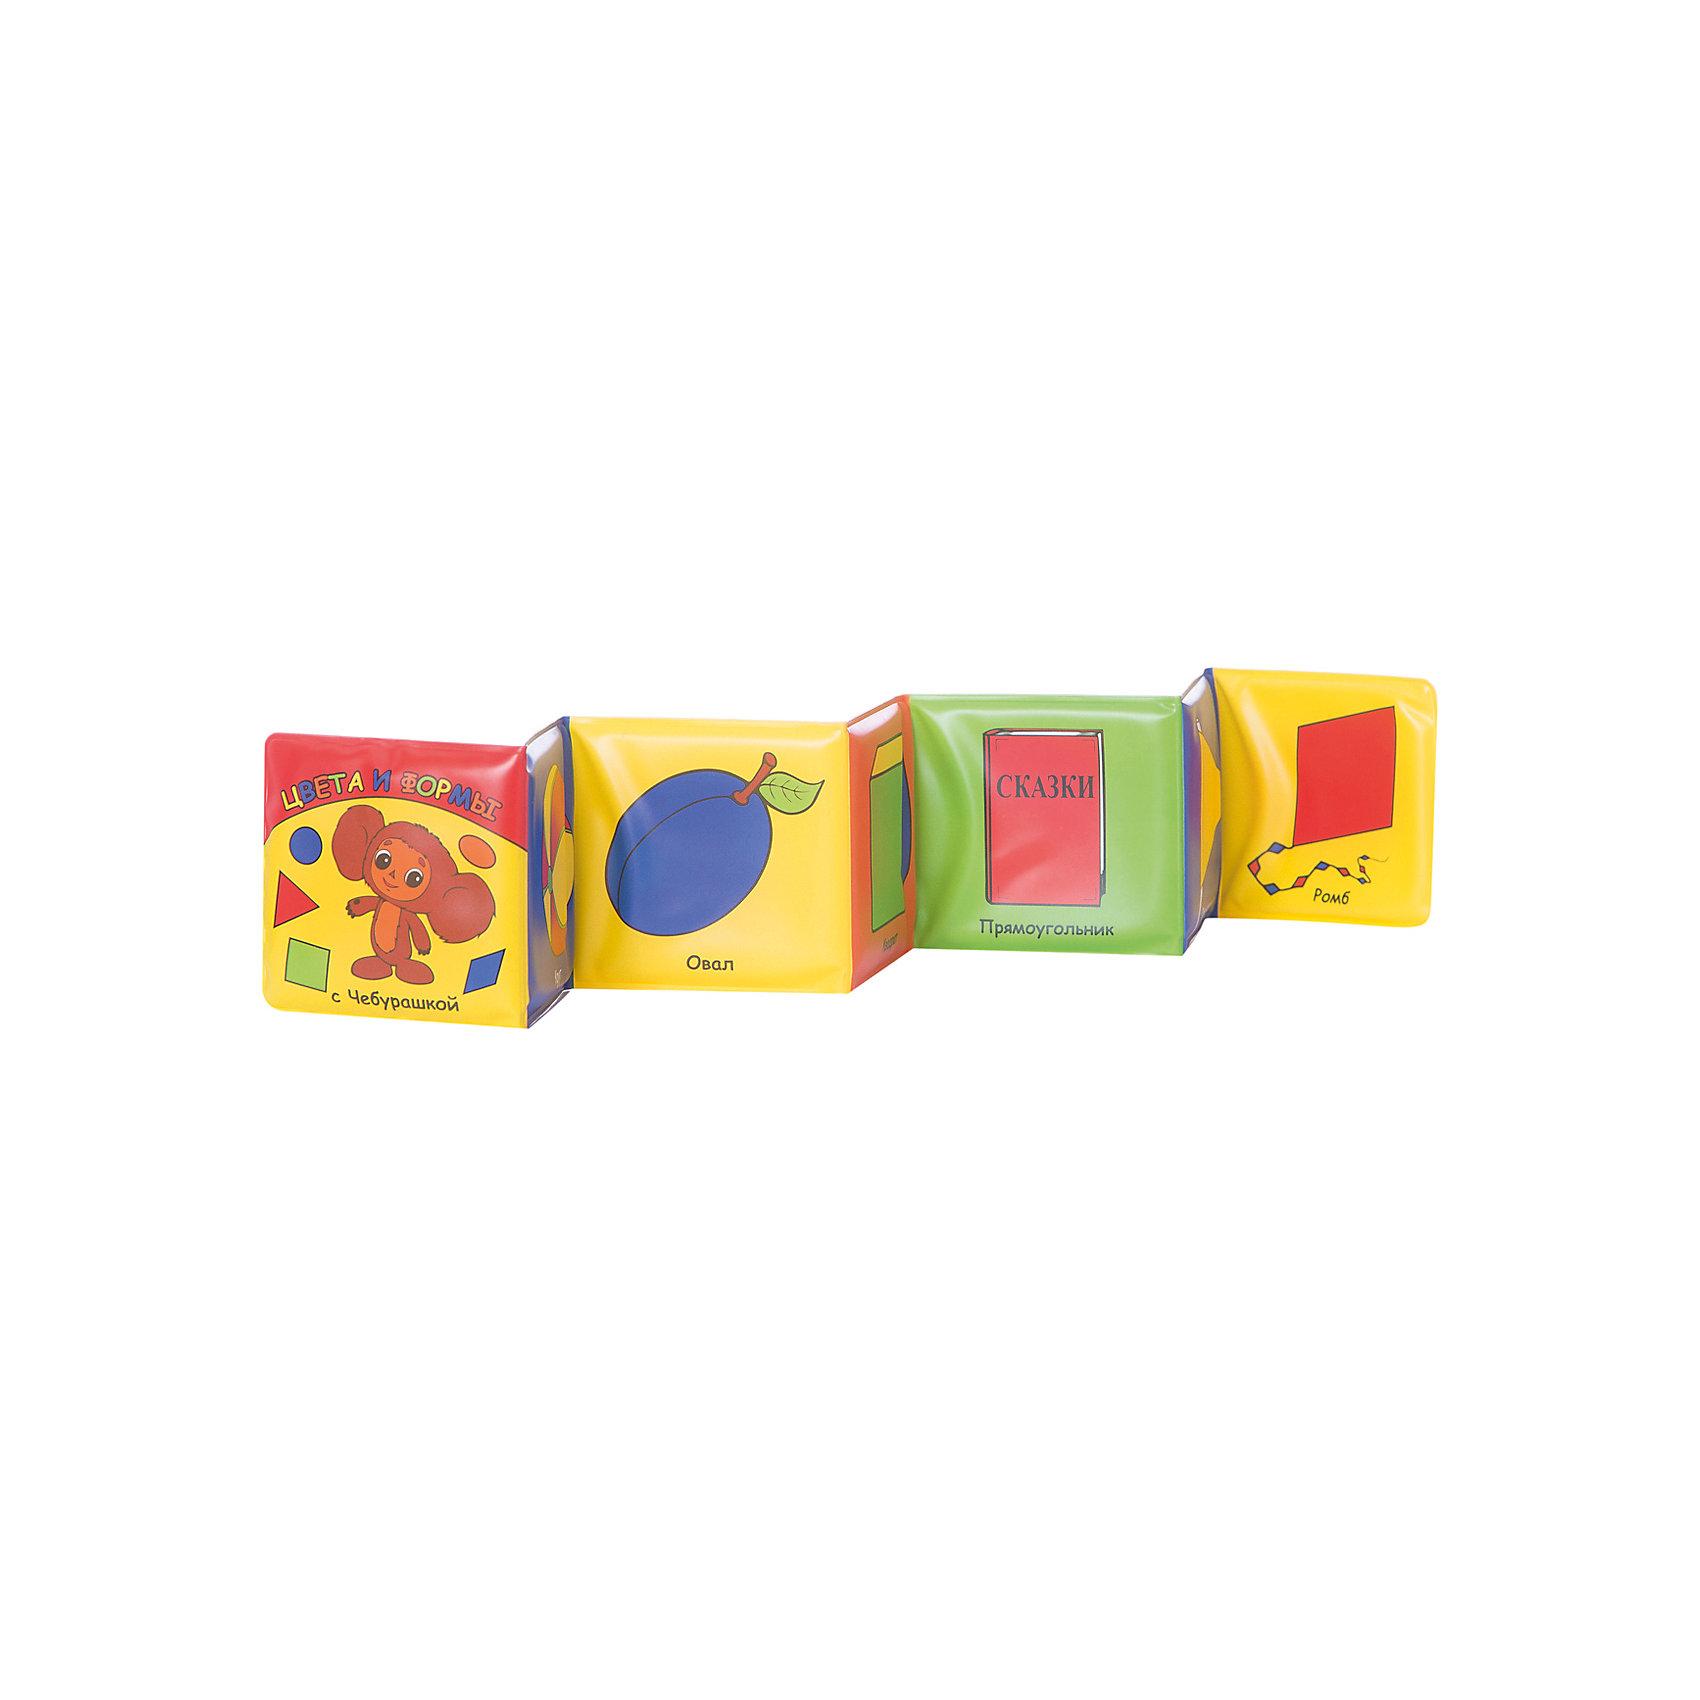 Книга для ванной Цвета и формы с ЧебурашкойКнига для ванны Цвета и формы с Чебурашкой, Умка. <br>Непромокаемая книжечка-раскладушка реагирует на нажатия. С этой книгой Ваш ребёнок может купаться и слушать песенку одновременно!<br><br>Дополнительная информация:<br><br>Серия: Книга для ванны с песенкой<br>Формат: 80х80 мм<br> Переплет: ПВХ.  <br>Объем: 14стр. <br>Батарейки: не заменяемые. <br><br>Станет прекрасным подарком Вашему малышу!<br><br>Ширина мм: 100<br>Глубина мм: 30<br>Высота мм: 150<br>Вес г: 100<br>Возраст от месяцев: 24<br>Возраст до месяцев: 60<br>Пол: Унисекс<br>Возраст: Детский<br>SKU: 3315432